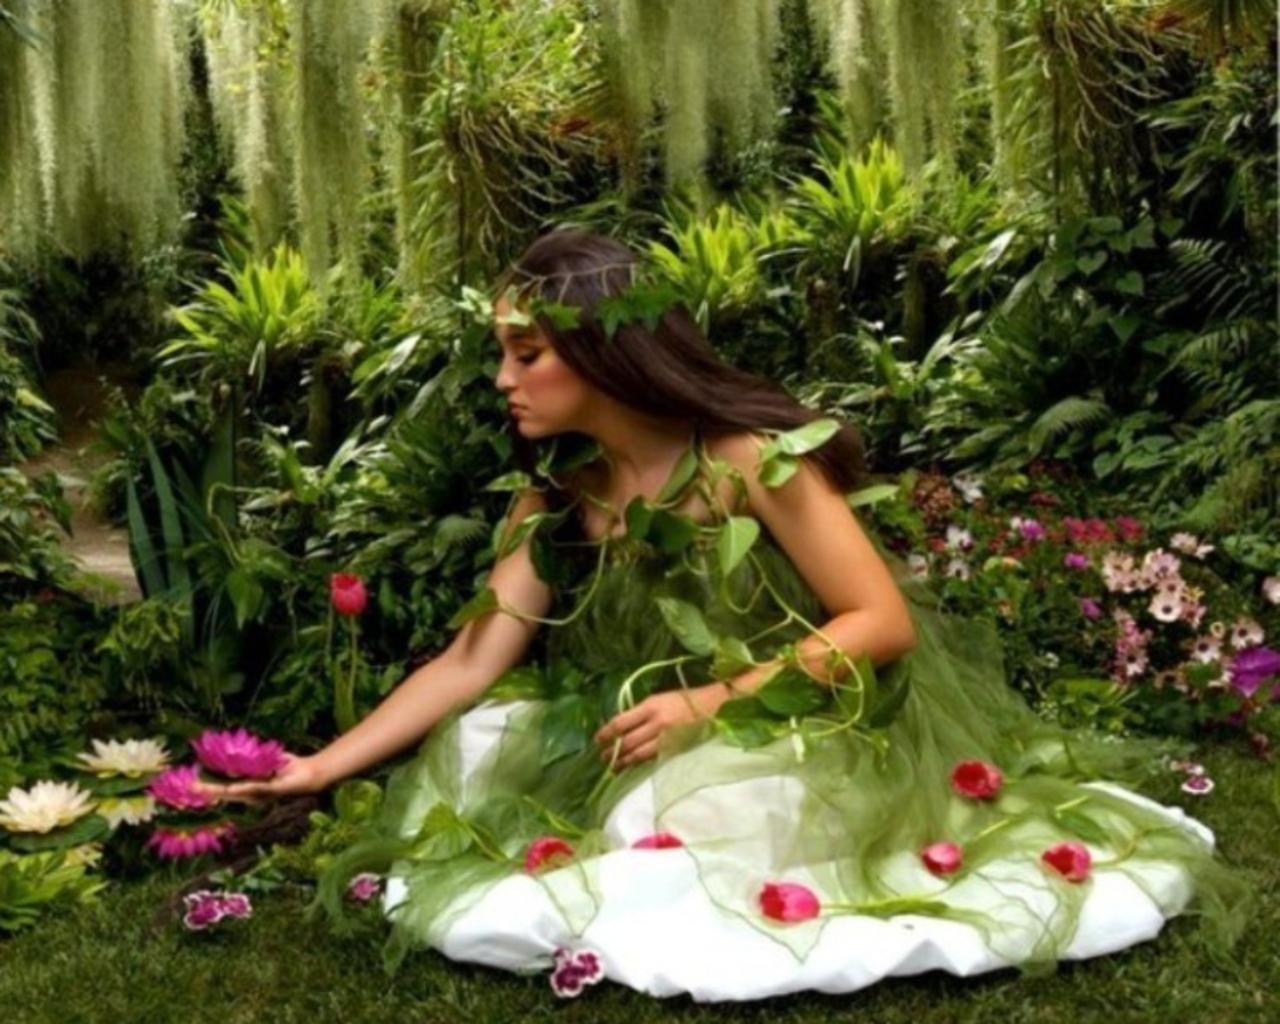 http://1.bp.blogspot.com/-s6reC1fmt8A/Tm96B6PsBGI/AAAAAAAAE3Y/7Bs53J-ET_A/s1600/624833-1280x1024-Flower-girl.jpg